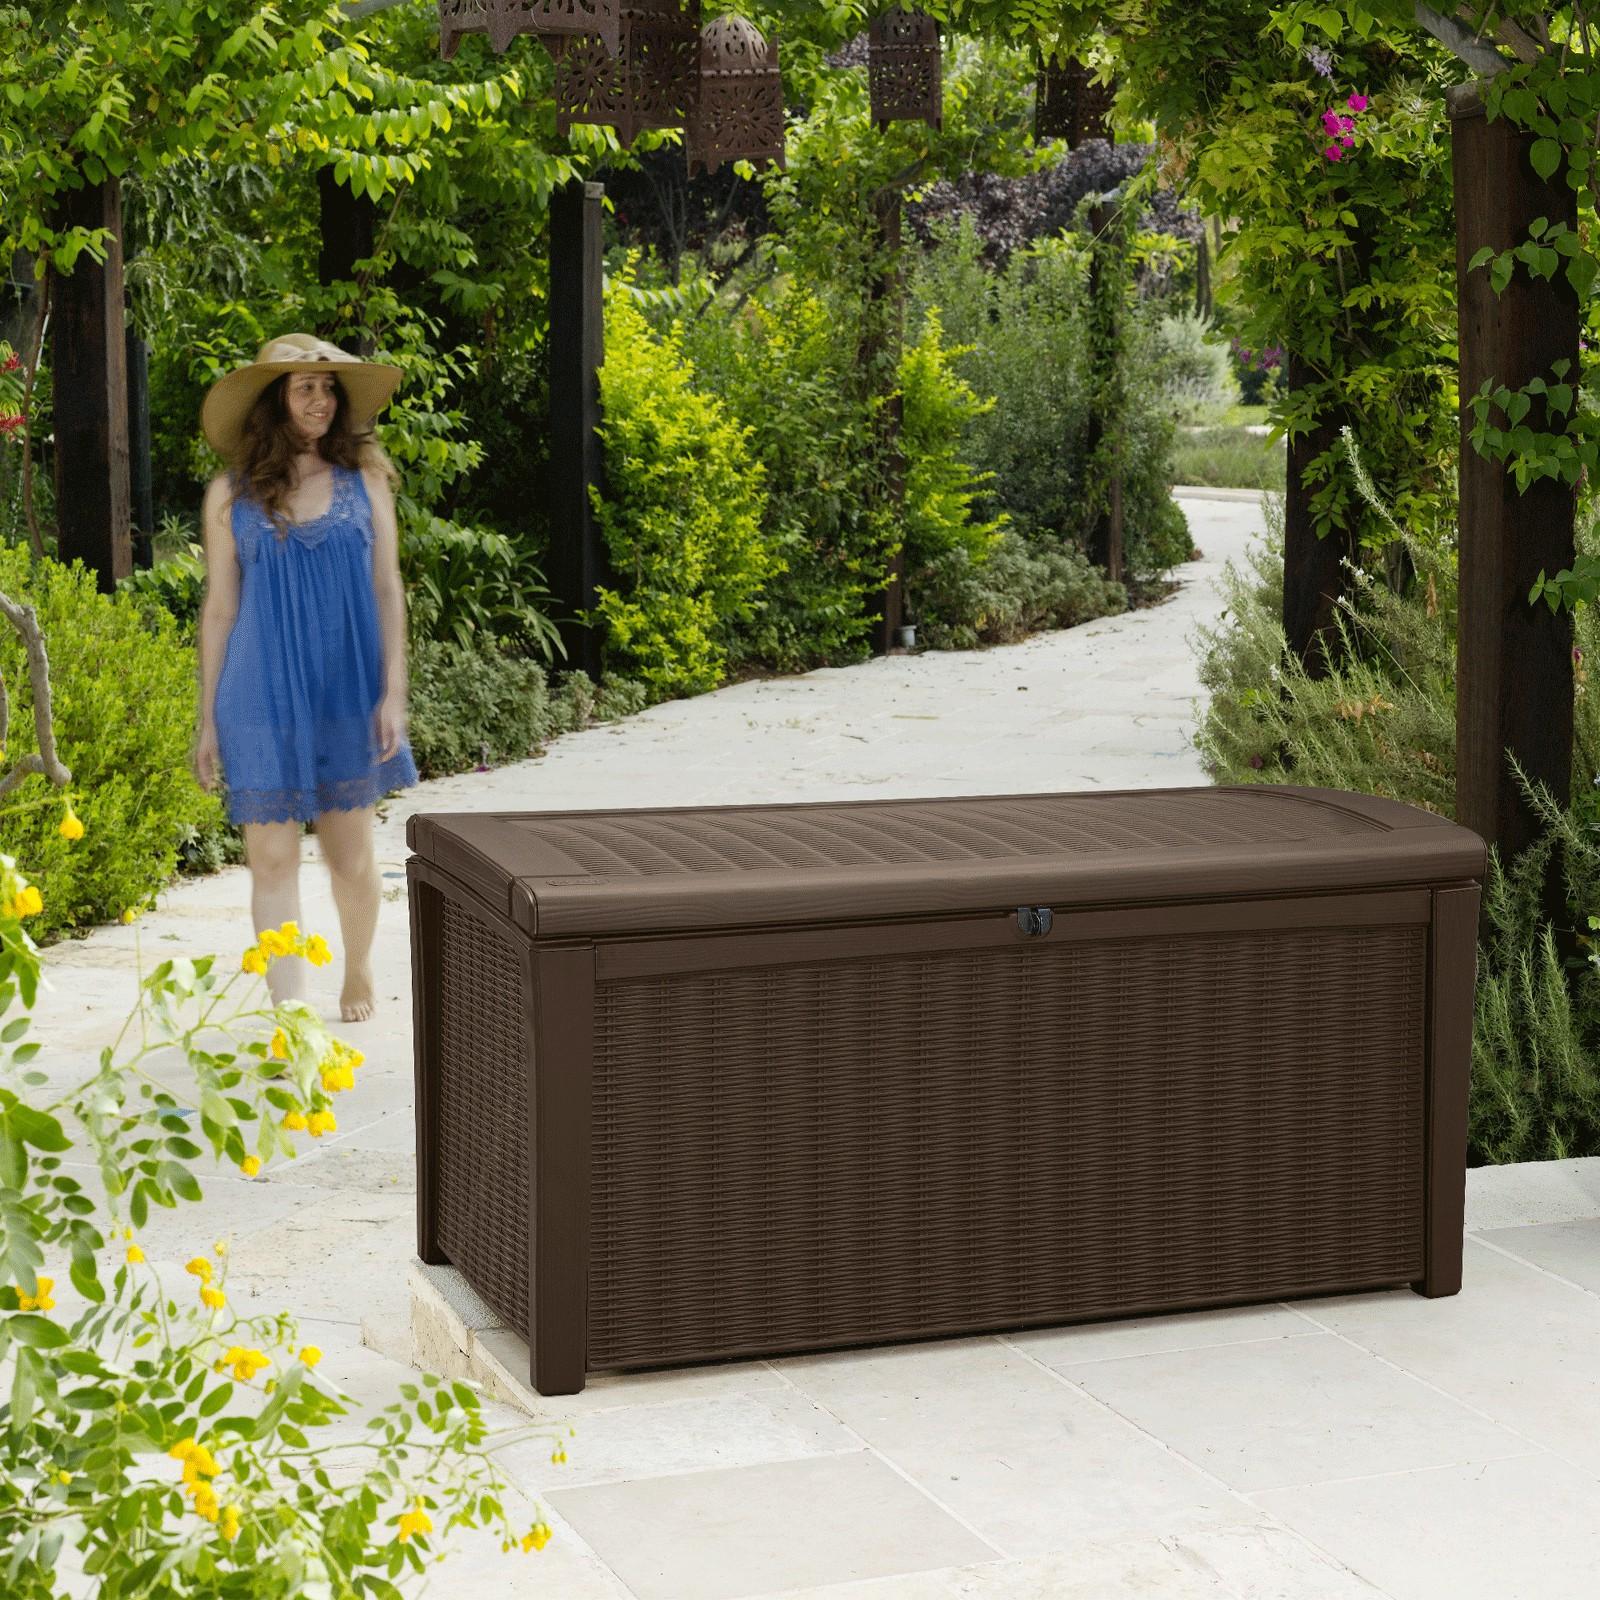 Full Size of Aufbewahrungsbox Garten Wasserdicht Obi Aufbewahrungsboxen Wetterfest Ikea Lidl Xxl Aldi Klein Ebay Kleinanzeigen Sunfun Neila Garten Aufbewahrungsbox Keter Garten Aufbewahrungsbox Garten